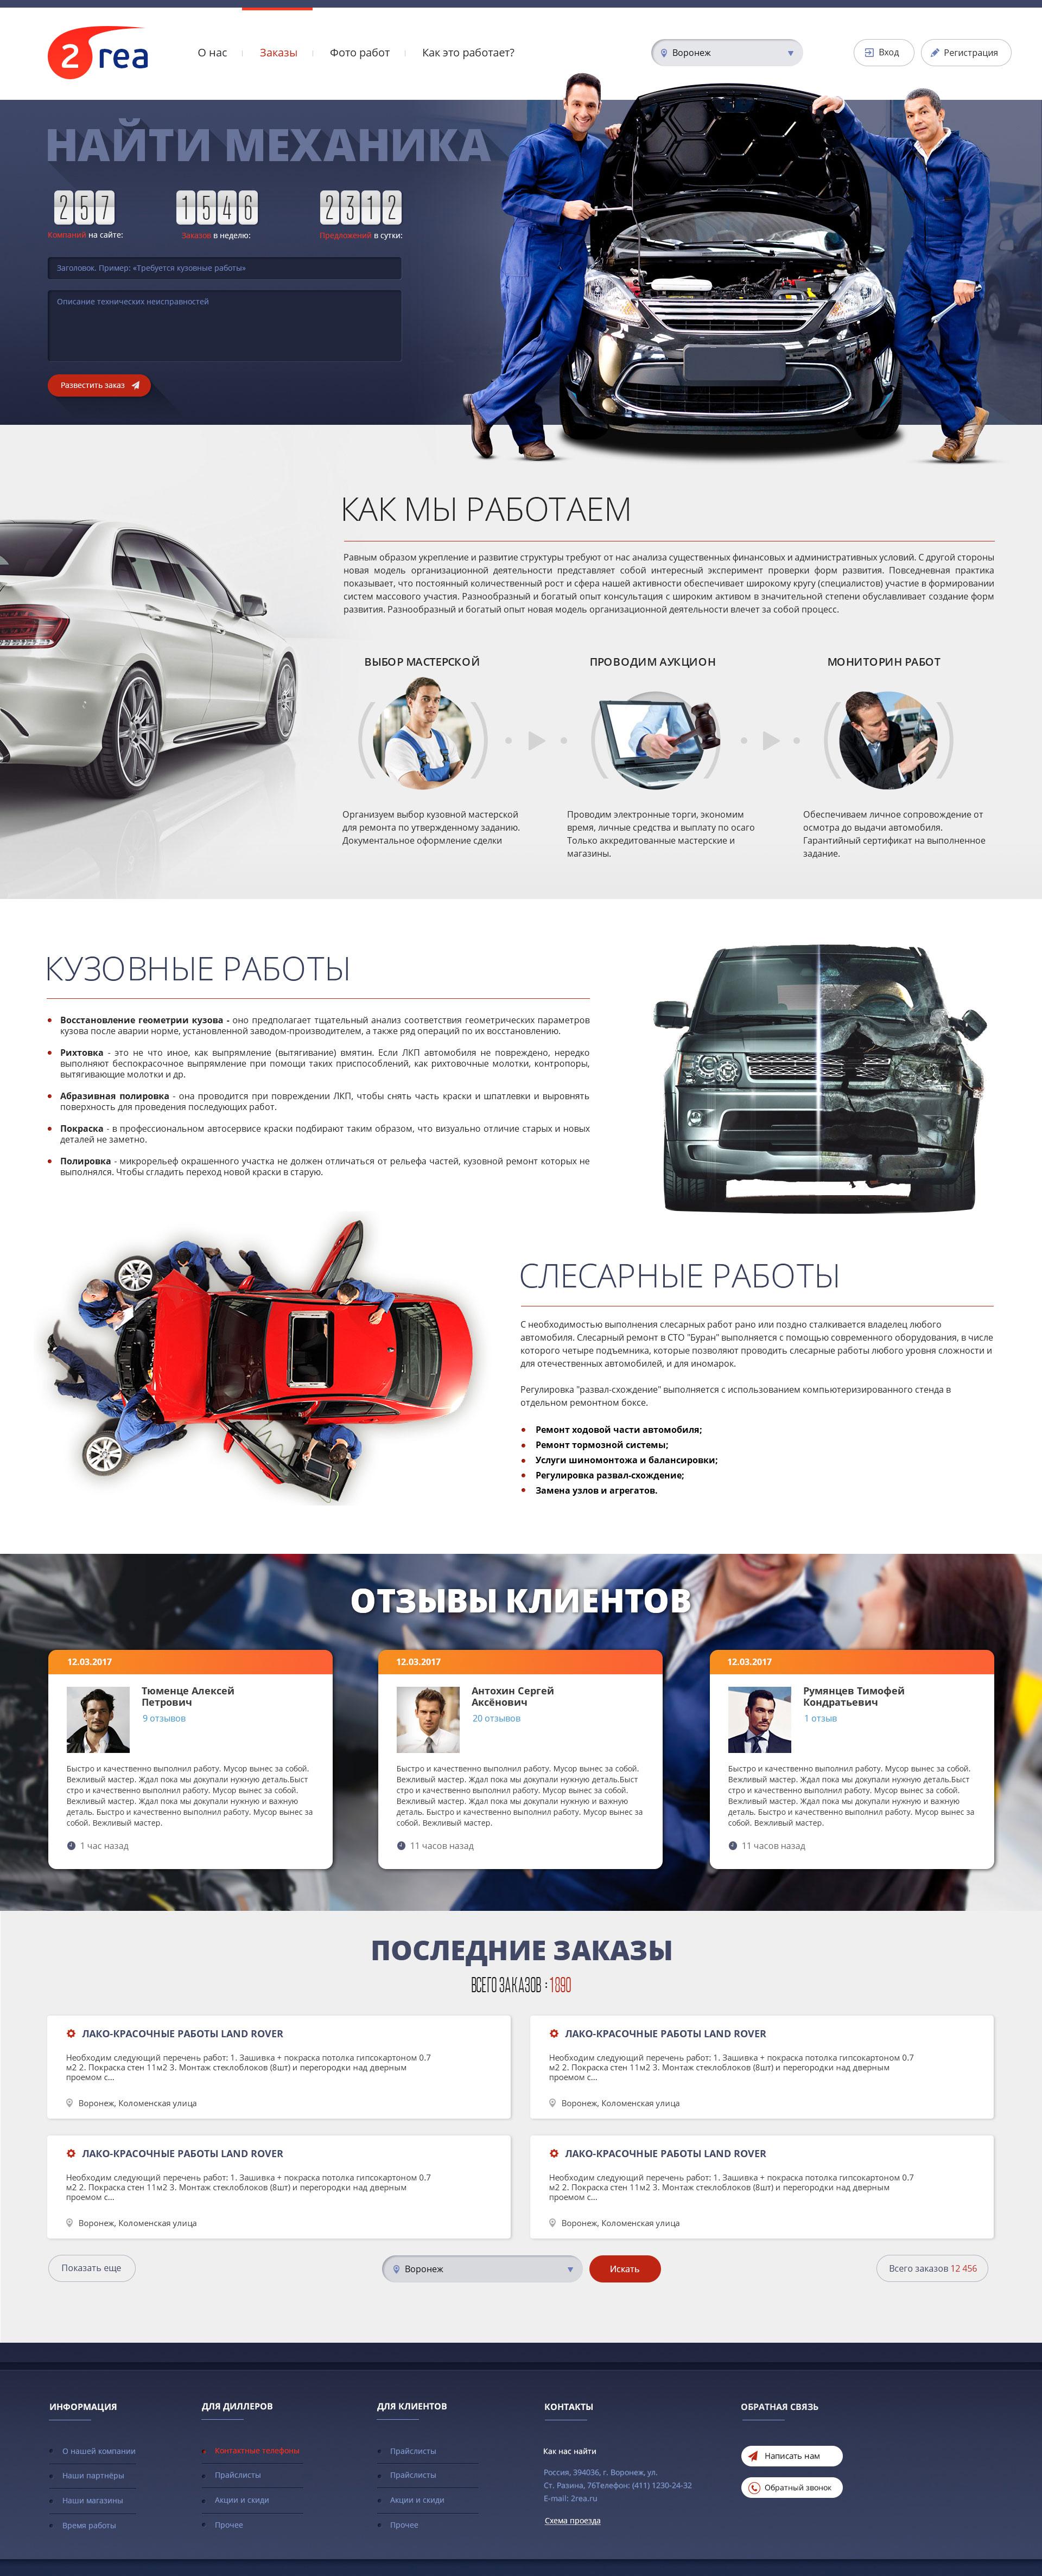 сайты транспорт пример 2rea.com 1920 px